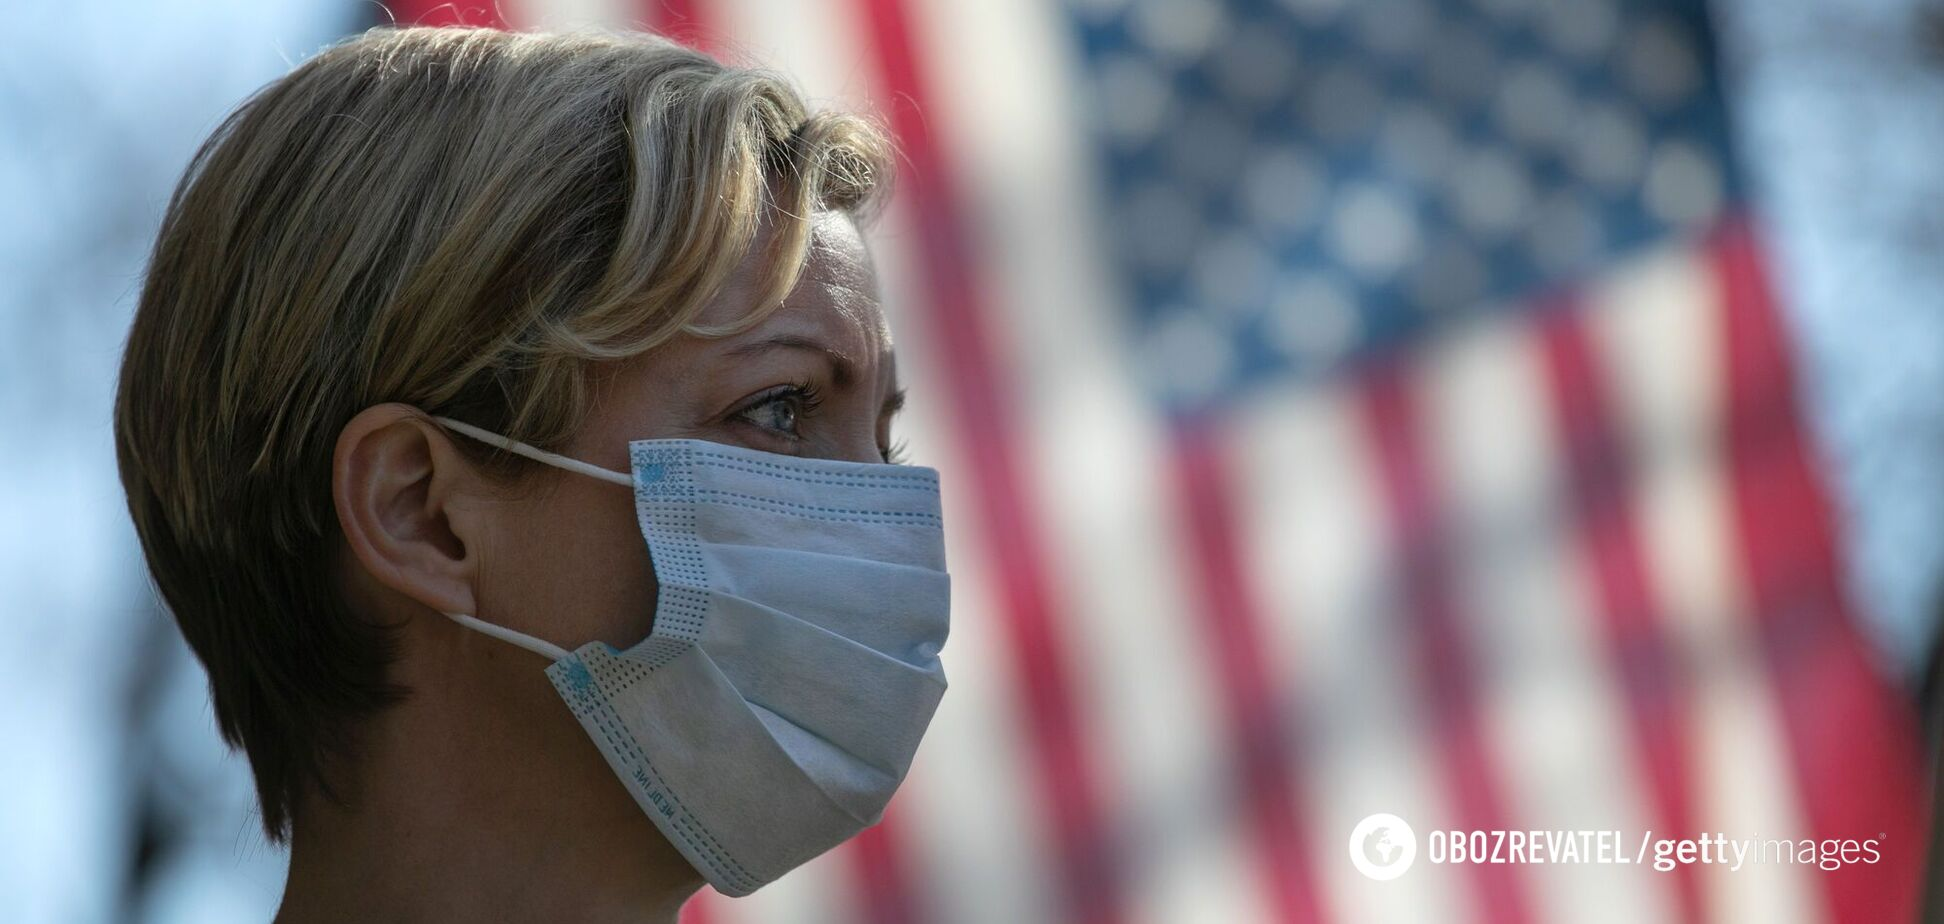 Хроніка коронавірусу в Україні та світі на 23 лютого: у США від COVID-19 померло більше 500 тисяч осіб